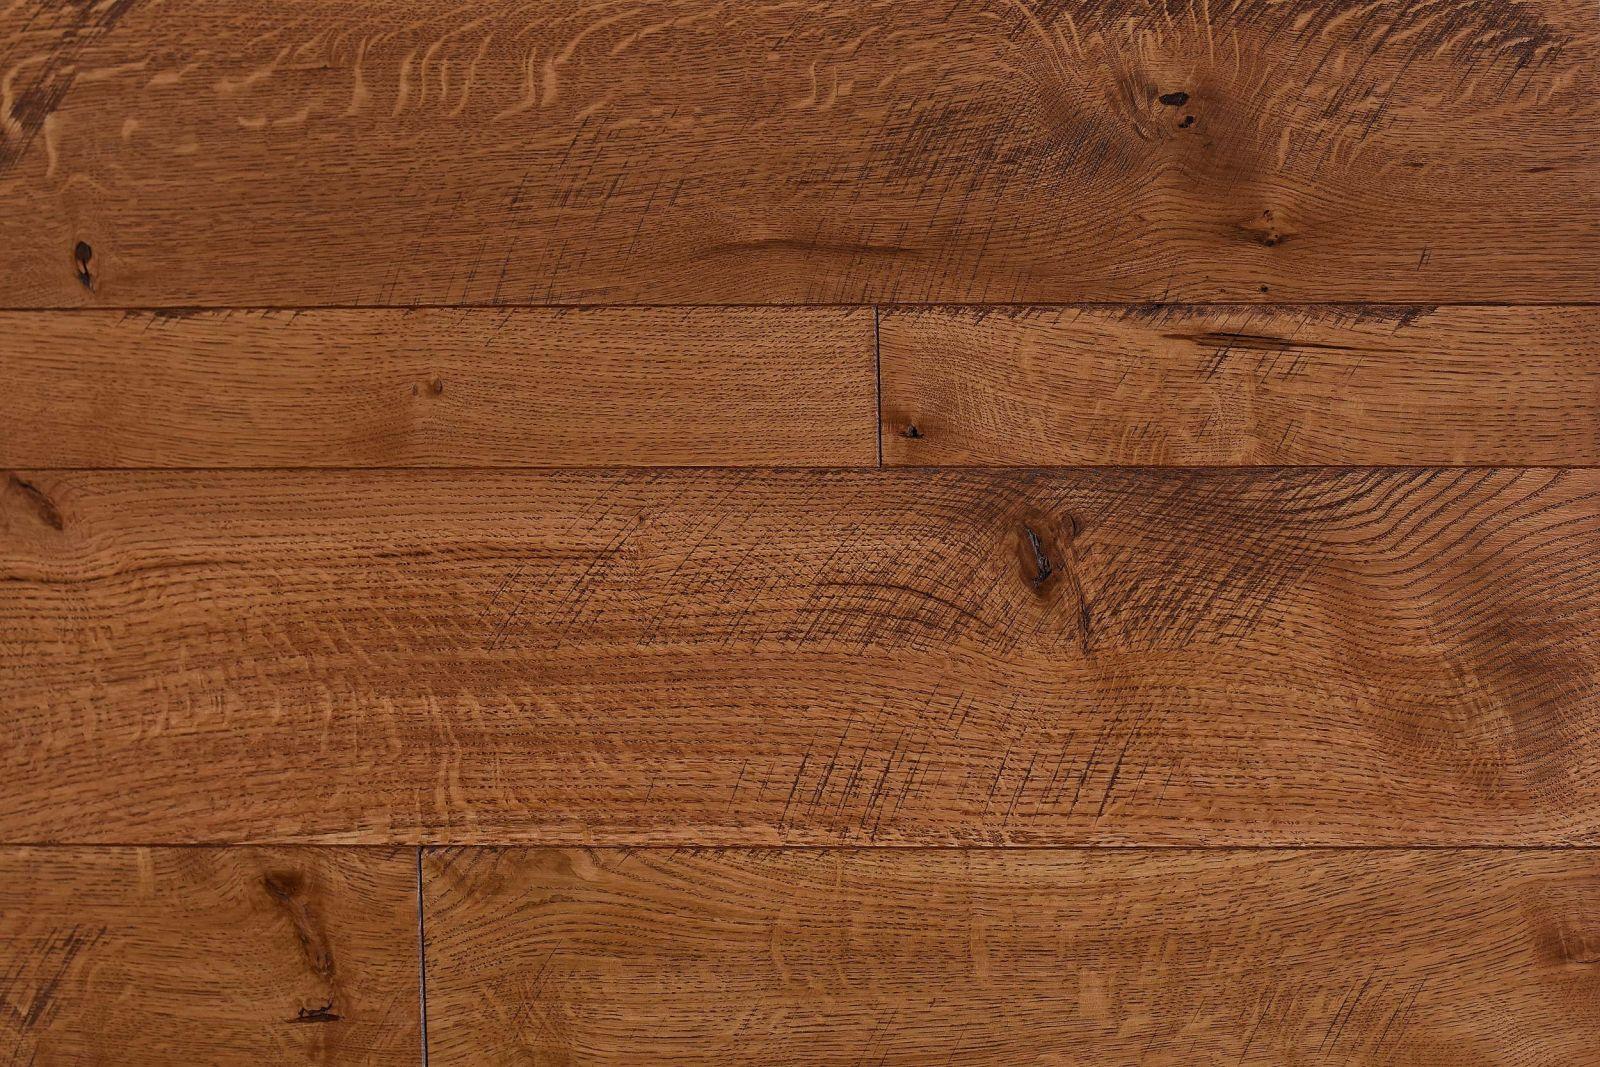 Bourbon On Quarter Sawn White Oak Custom Hardwood Flooring By Mhp